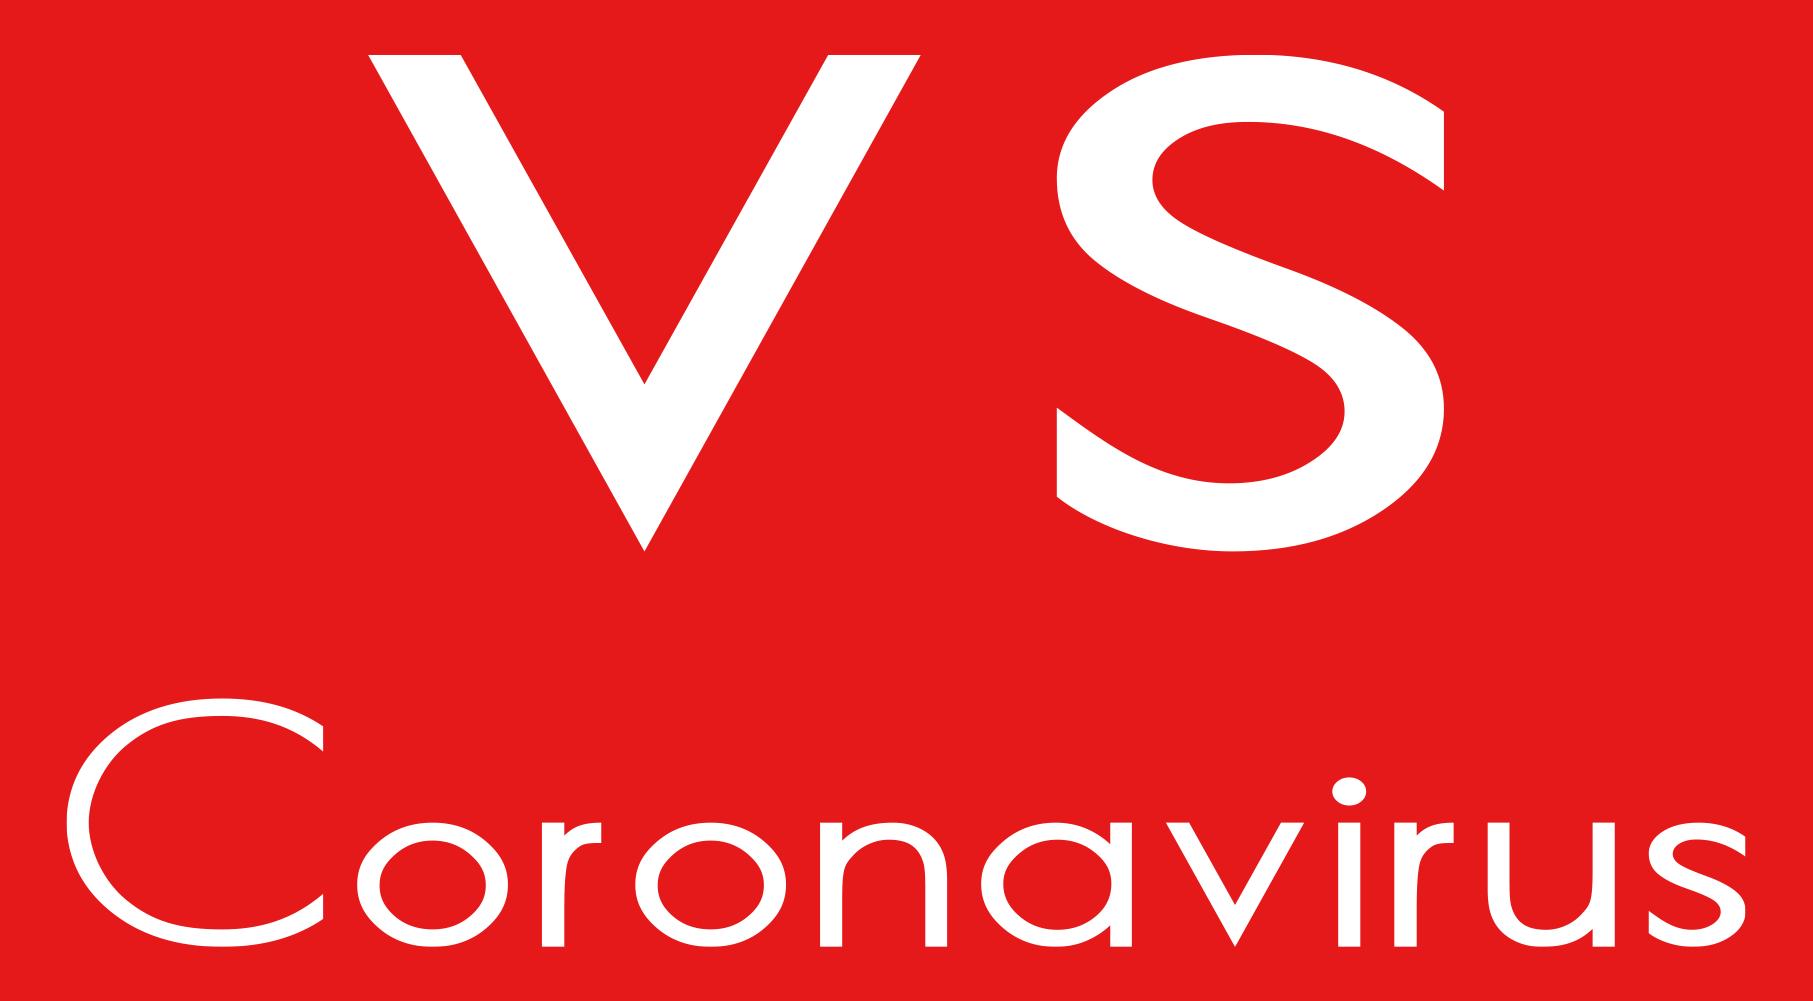 vs Coronavirus